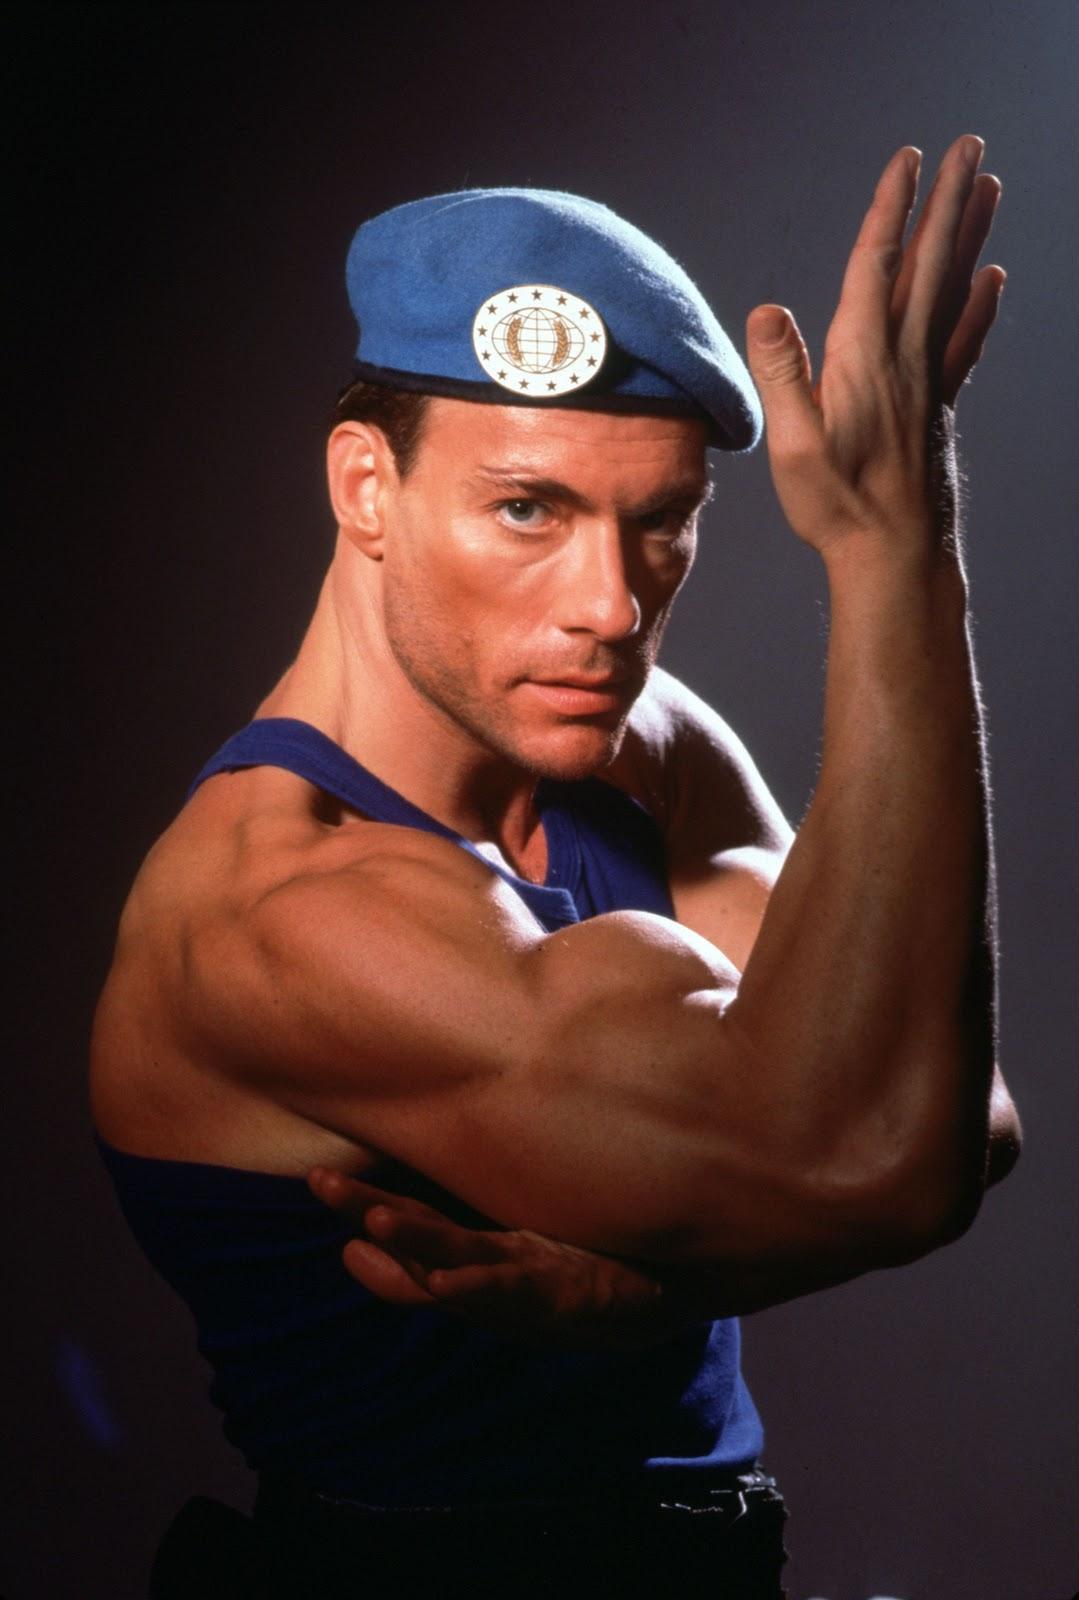 Amazing Jean-claude Van Damme Pictures & Backgrounds